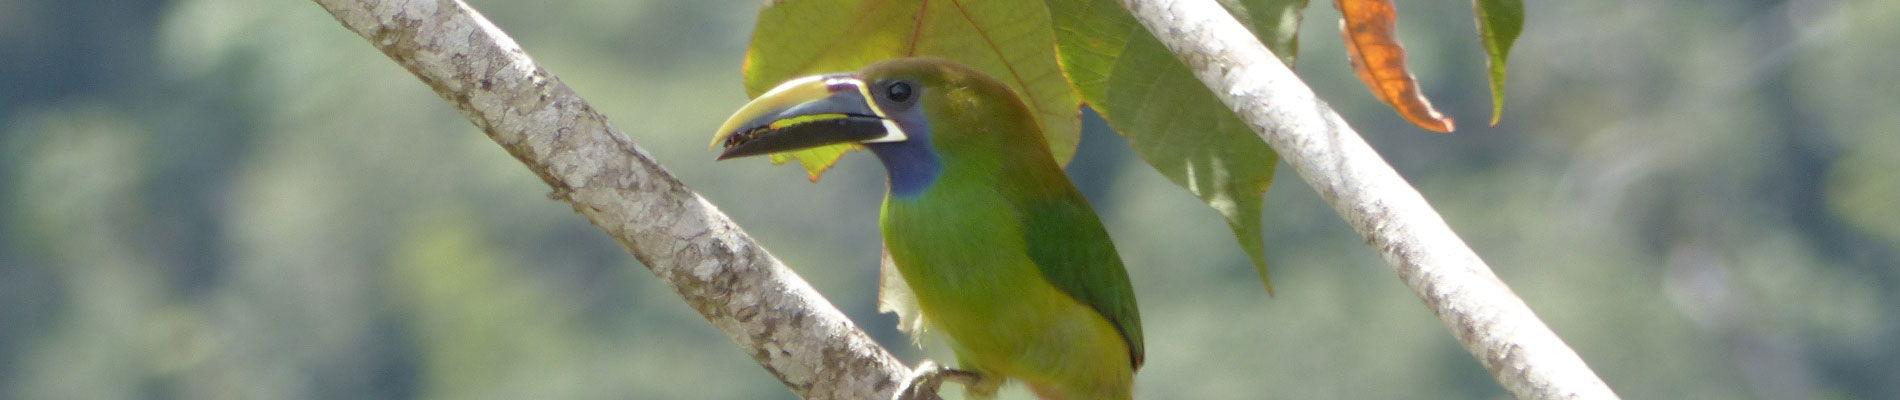 costa-rica-toucan